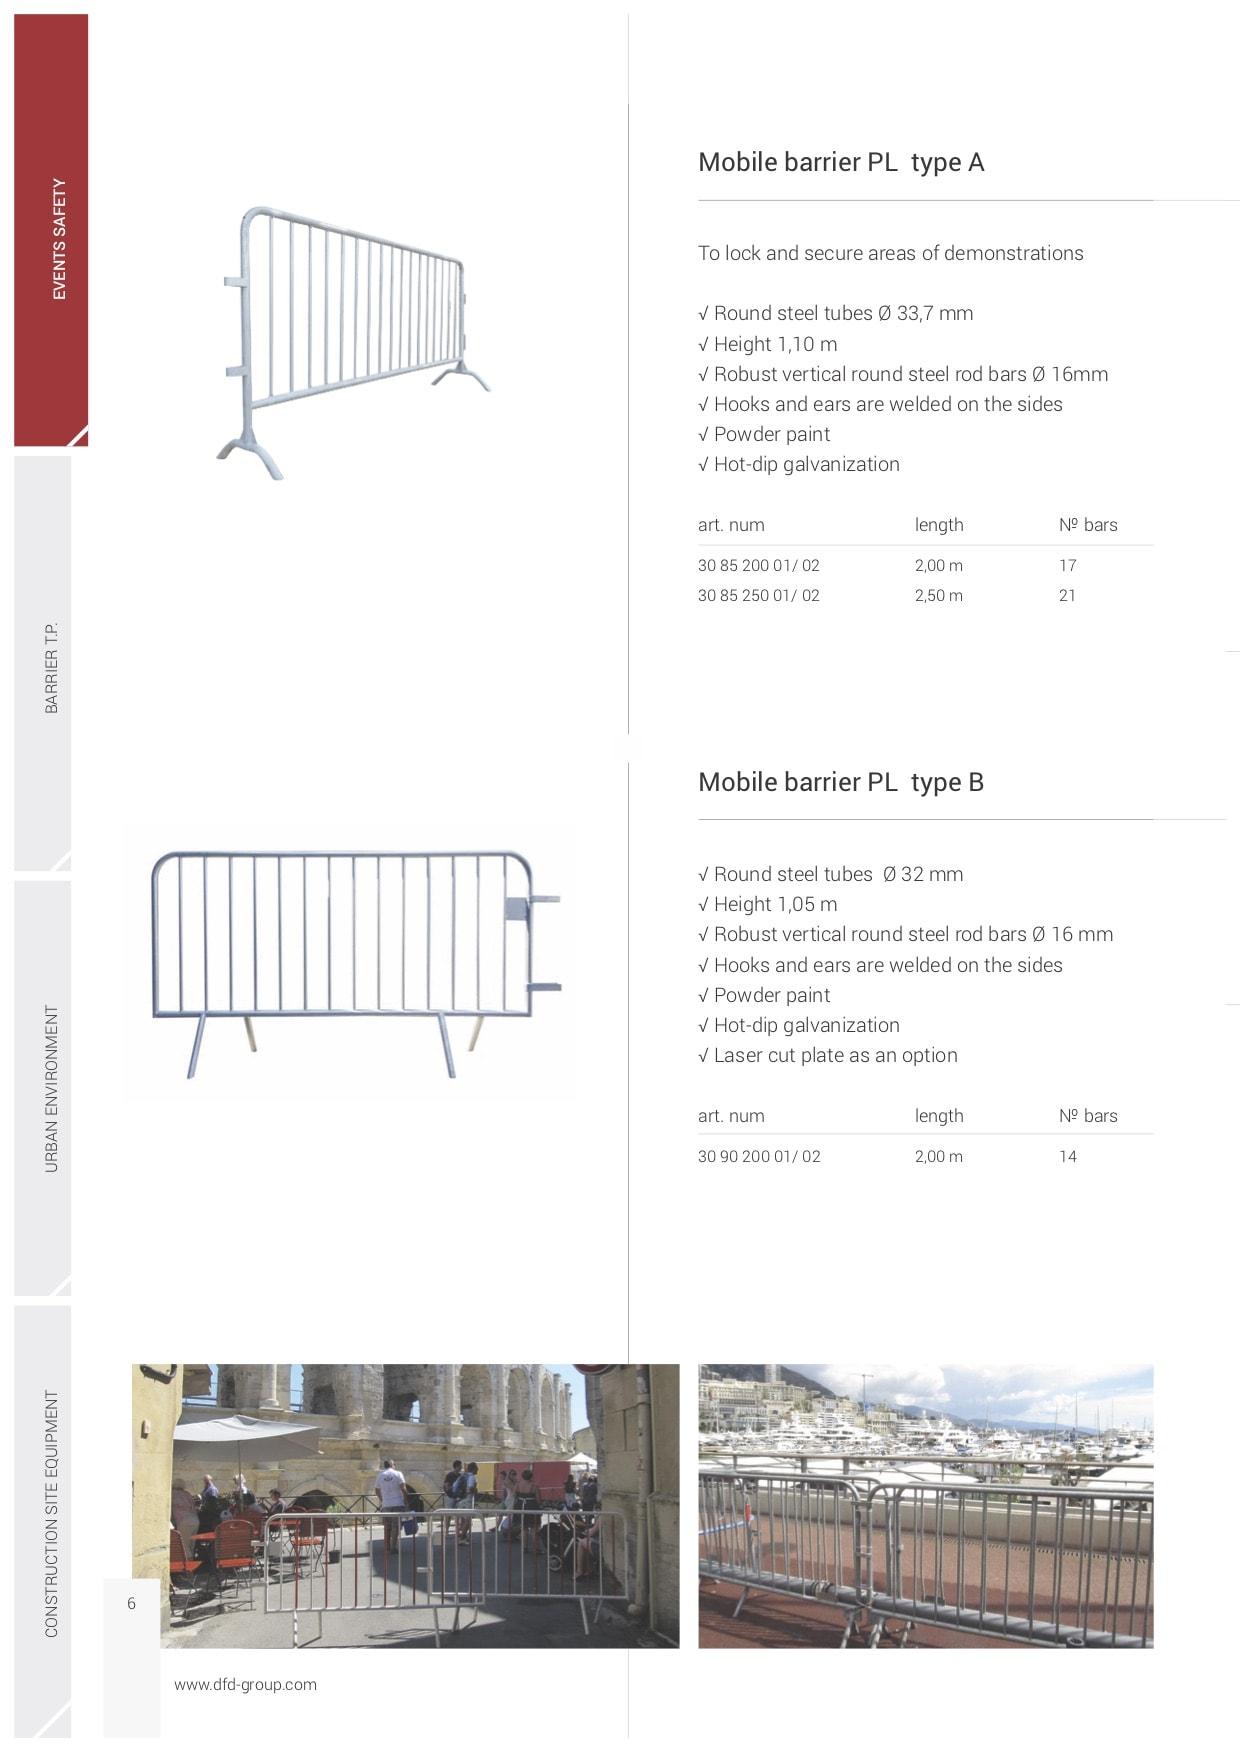 DfD_catalogue_en_MOBILE_BARRIERS_2